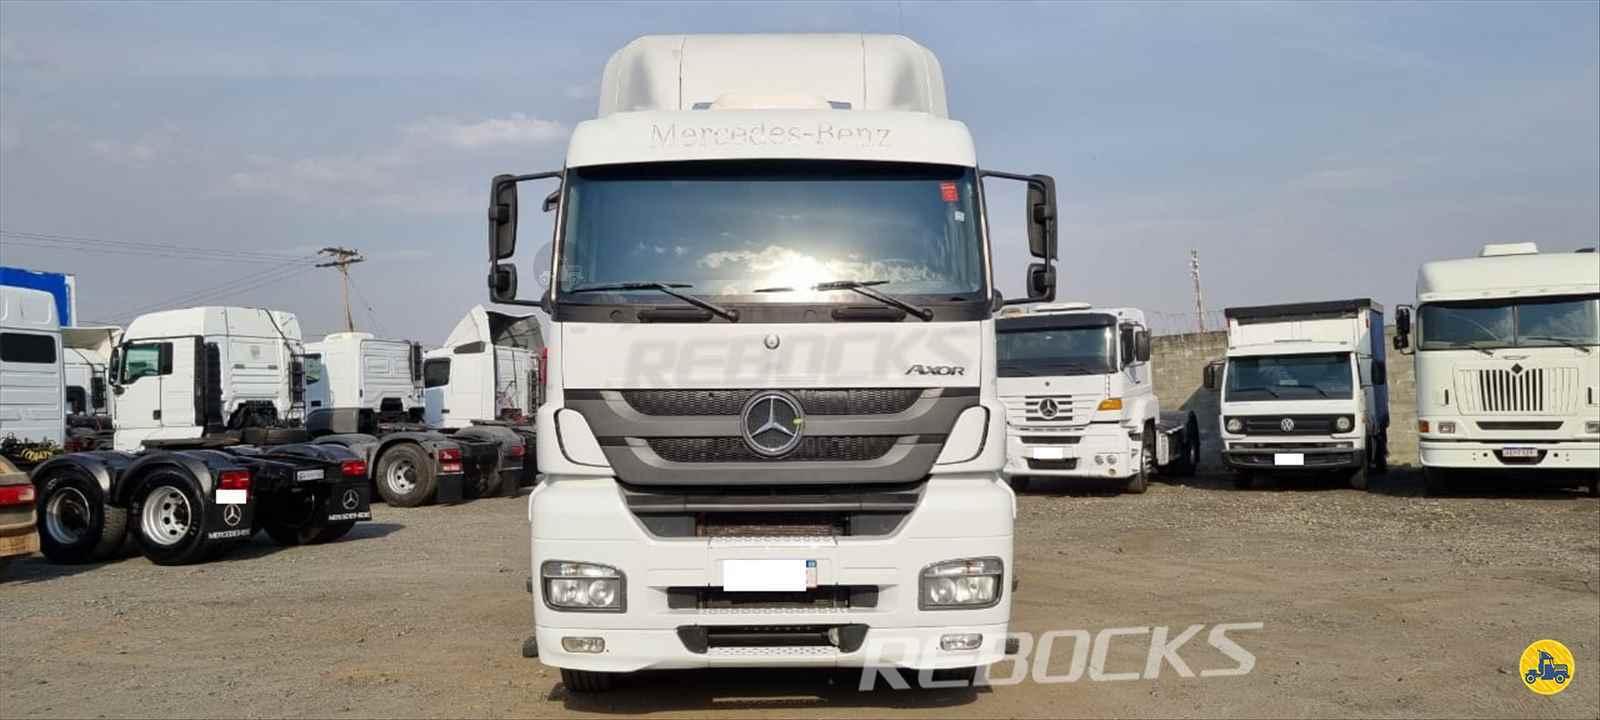 CAMINHAO MERCEDES-BENZ MB 2544 Cavalo Mecânico Truck 6x2 Rebocks LIMEIRA SÃO PAULO SP